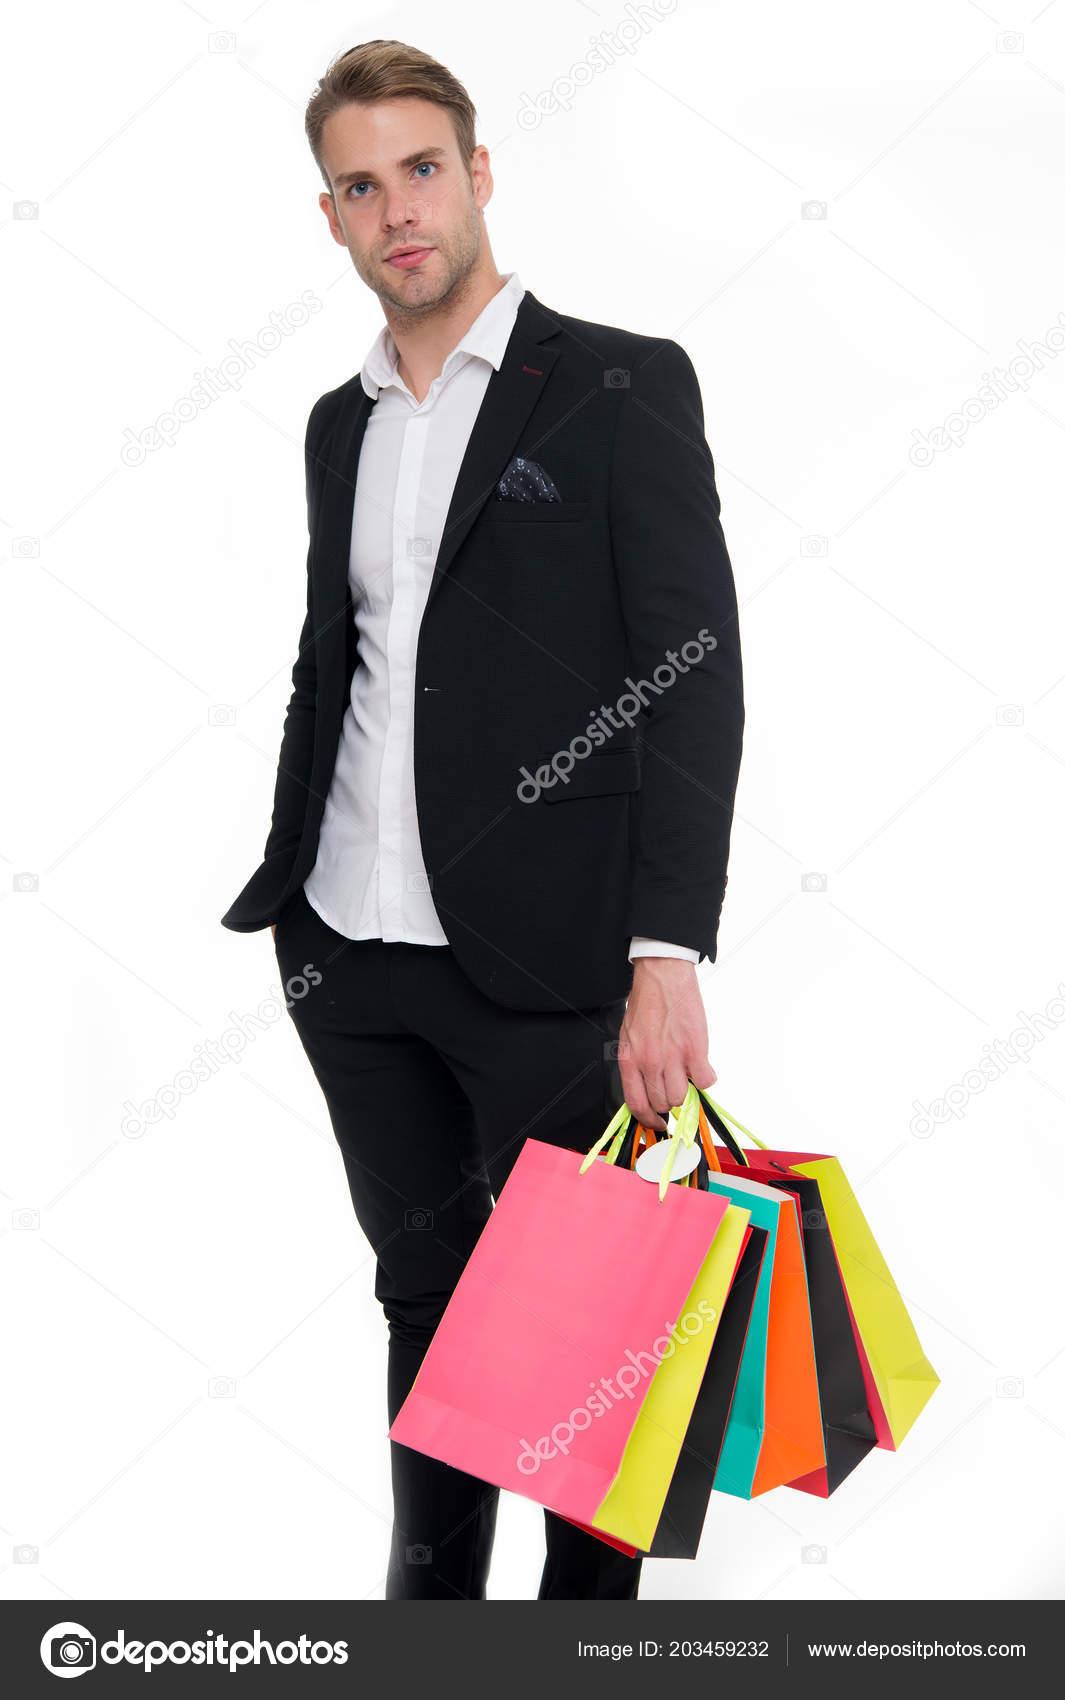 64eac73deab Человек стилист профессиональных покупателей. Магазин консультант помогает  несет кучу сумок. Консультант одежды. Стилист